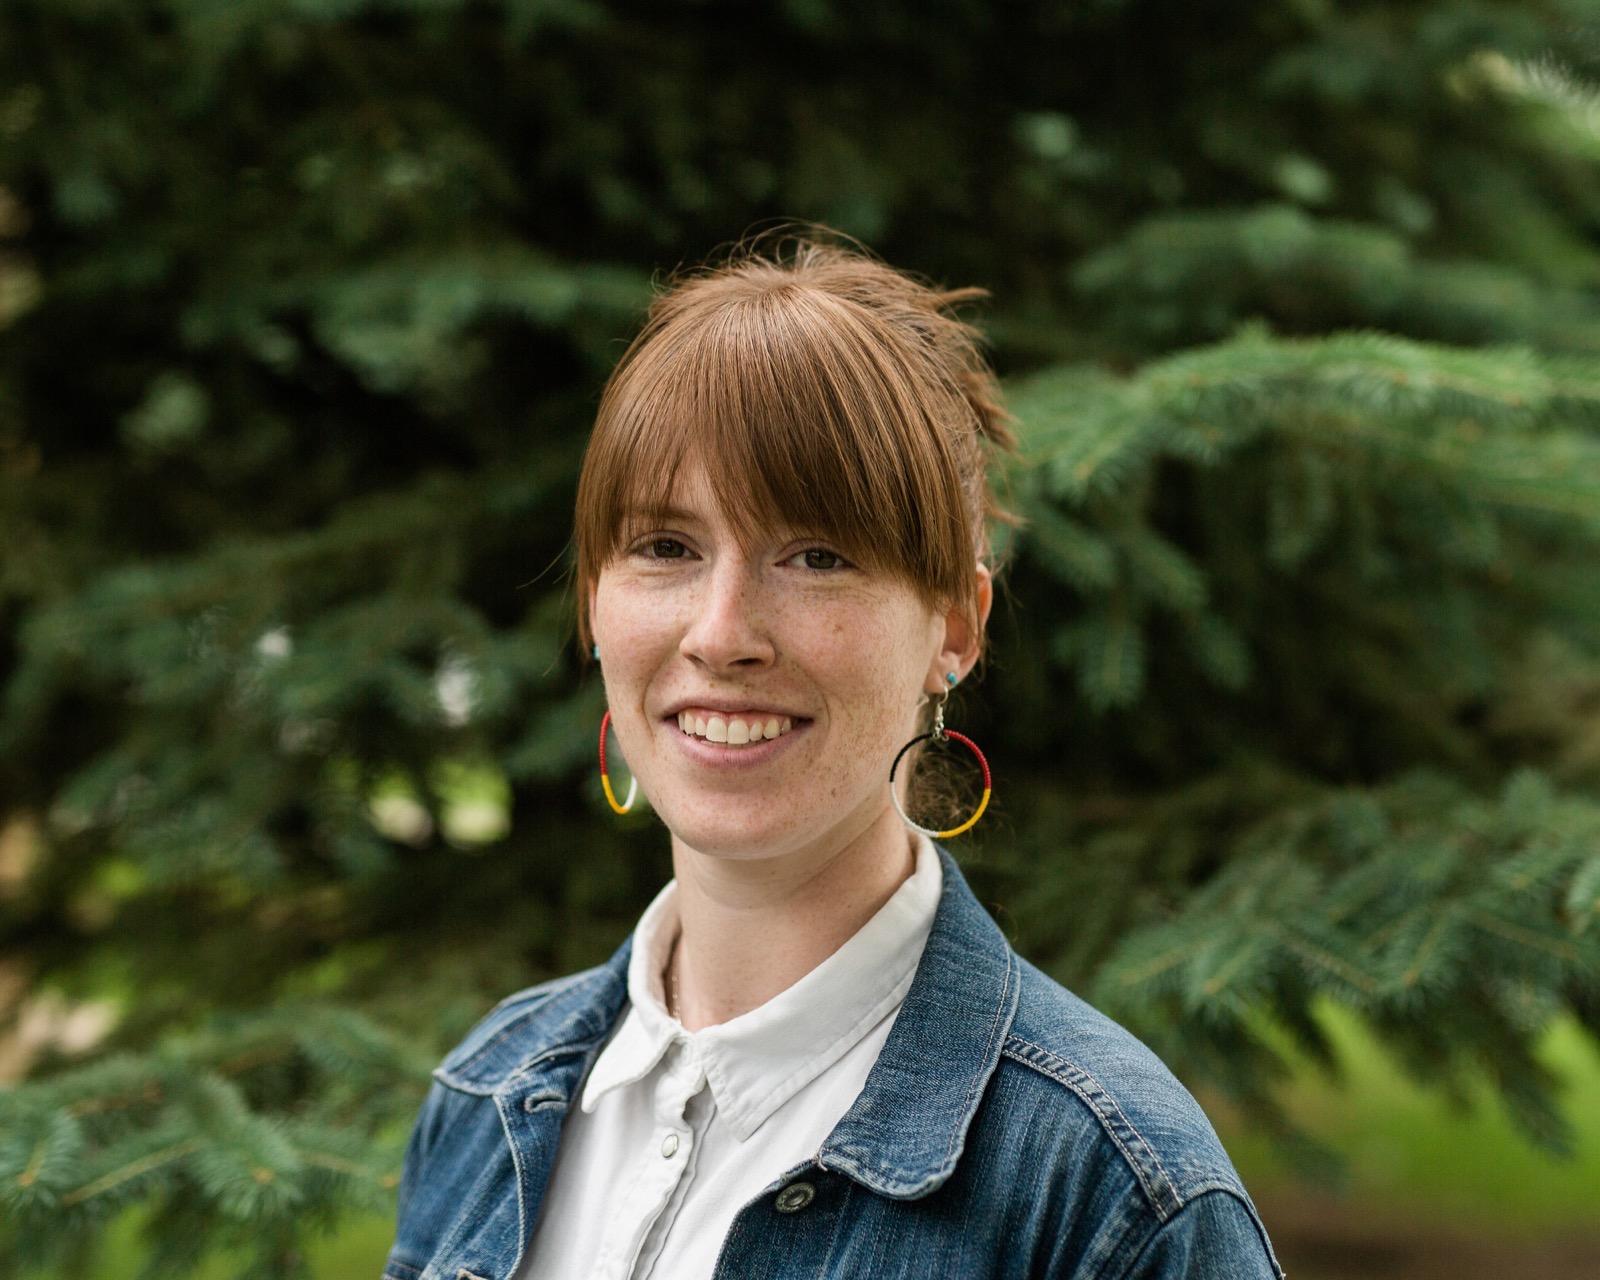 Marsha Hovey